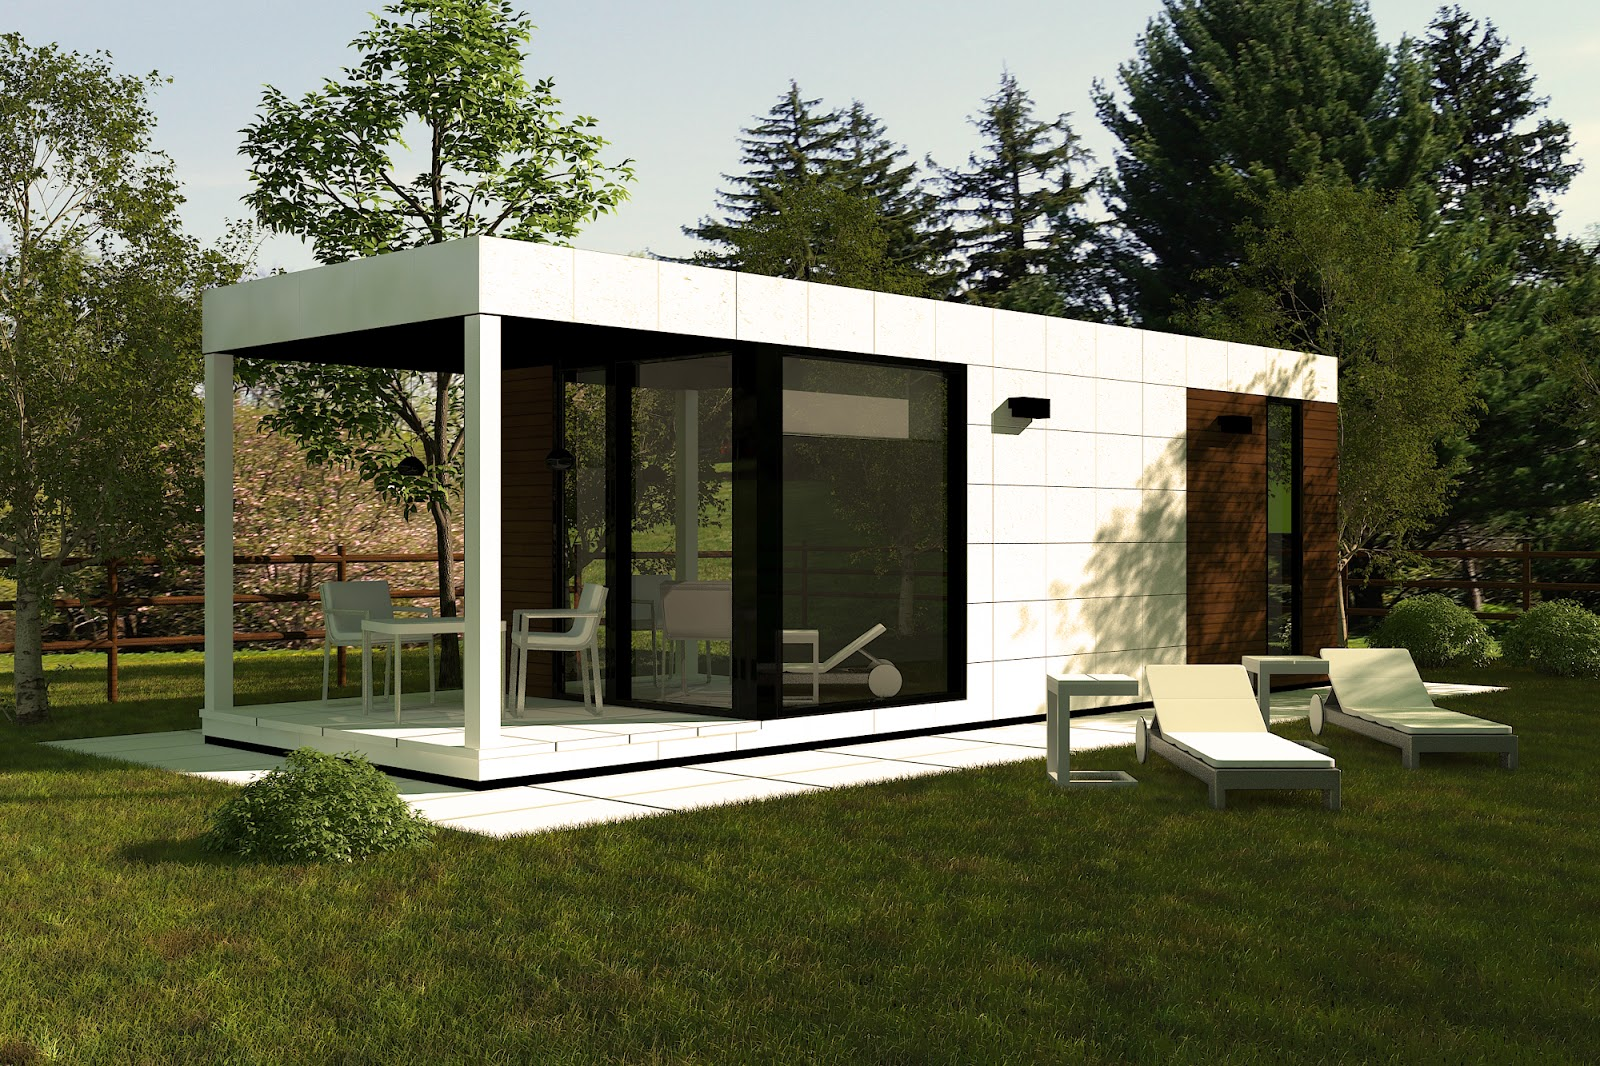 M dulos para jard n soluciones bien conocidas en otros - Modulos prefabricados para viviendas ...